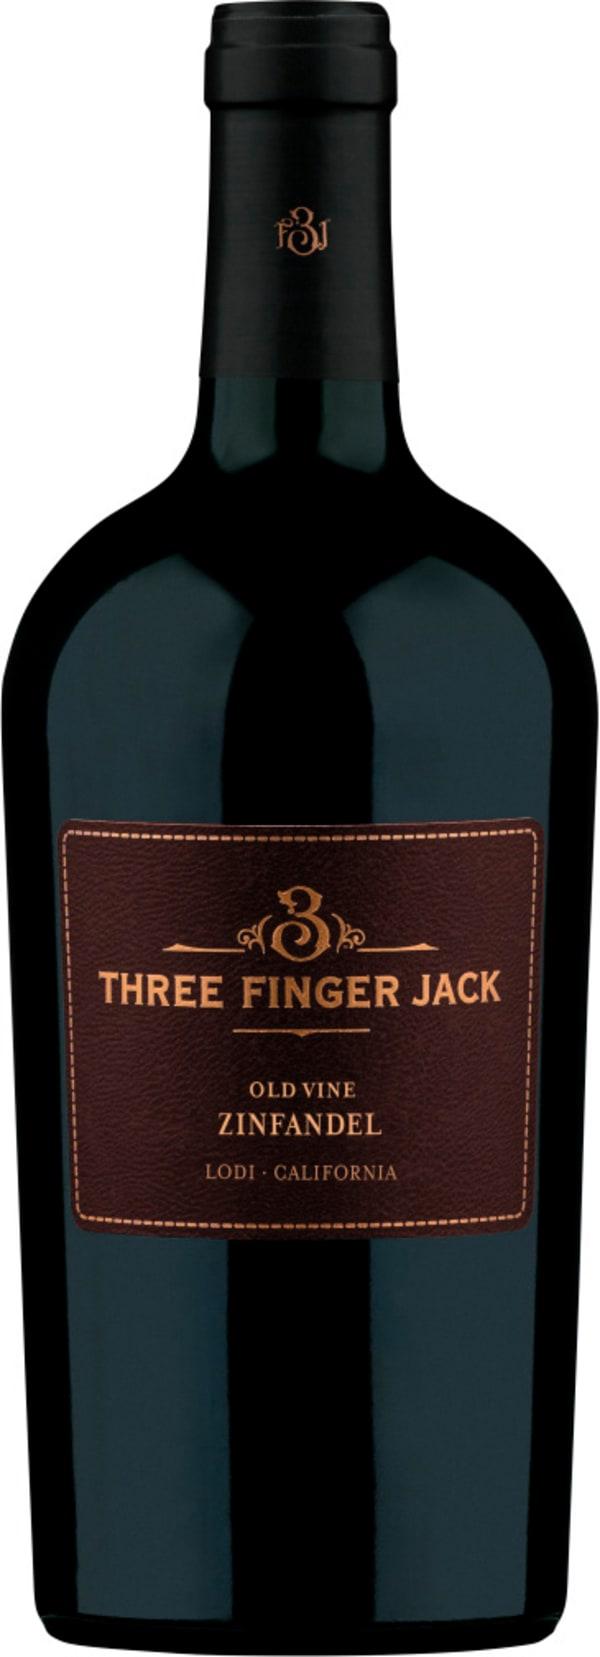 Three Finger Jack Old Vine Zinfandel 2017